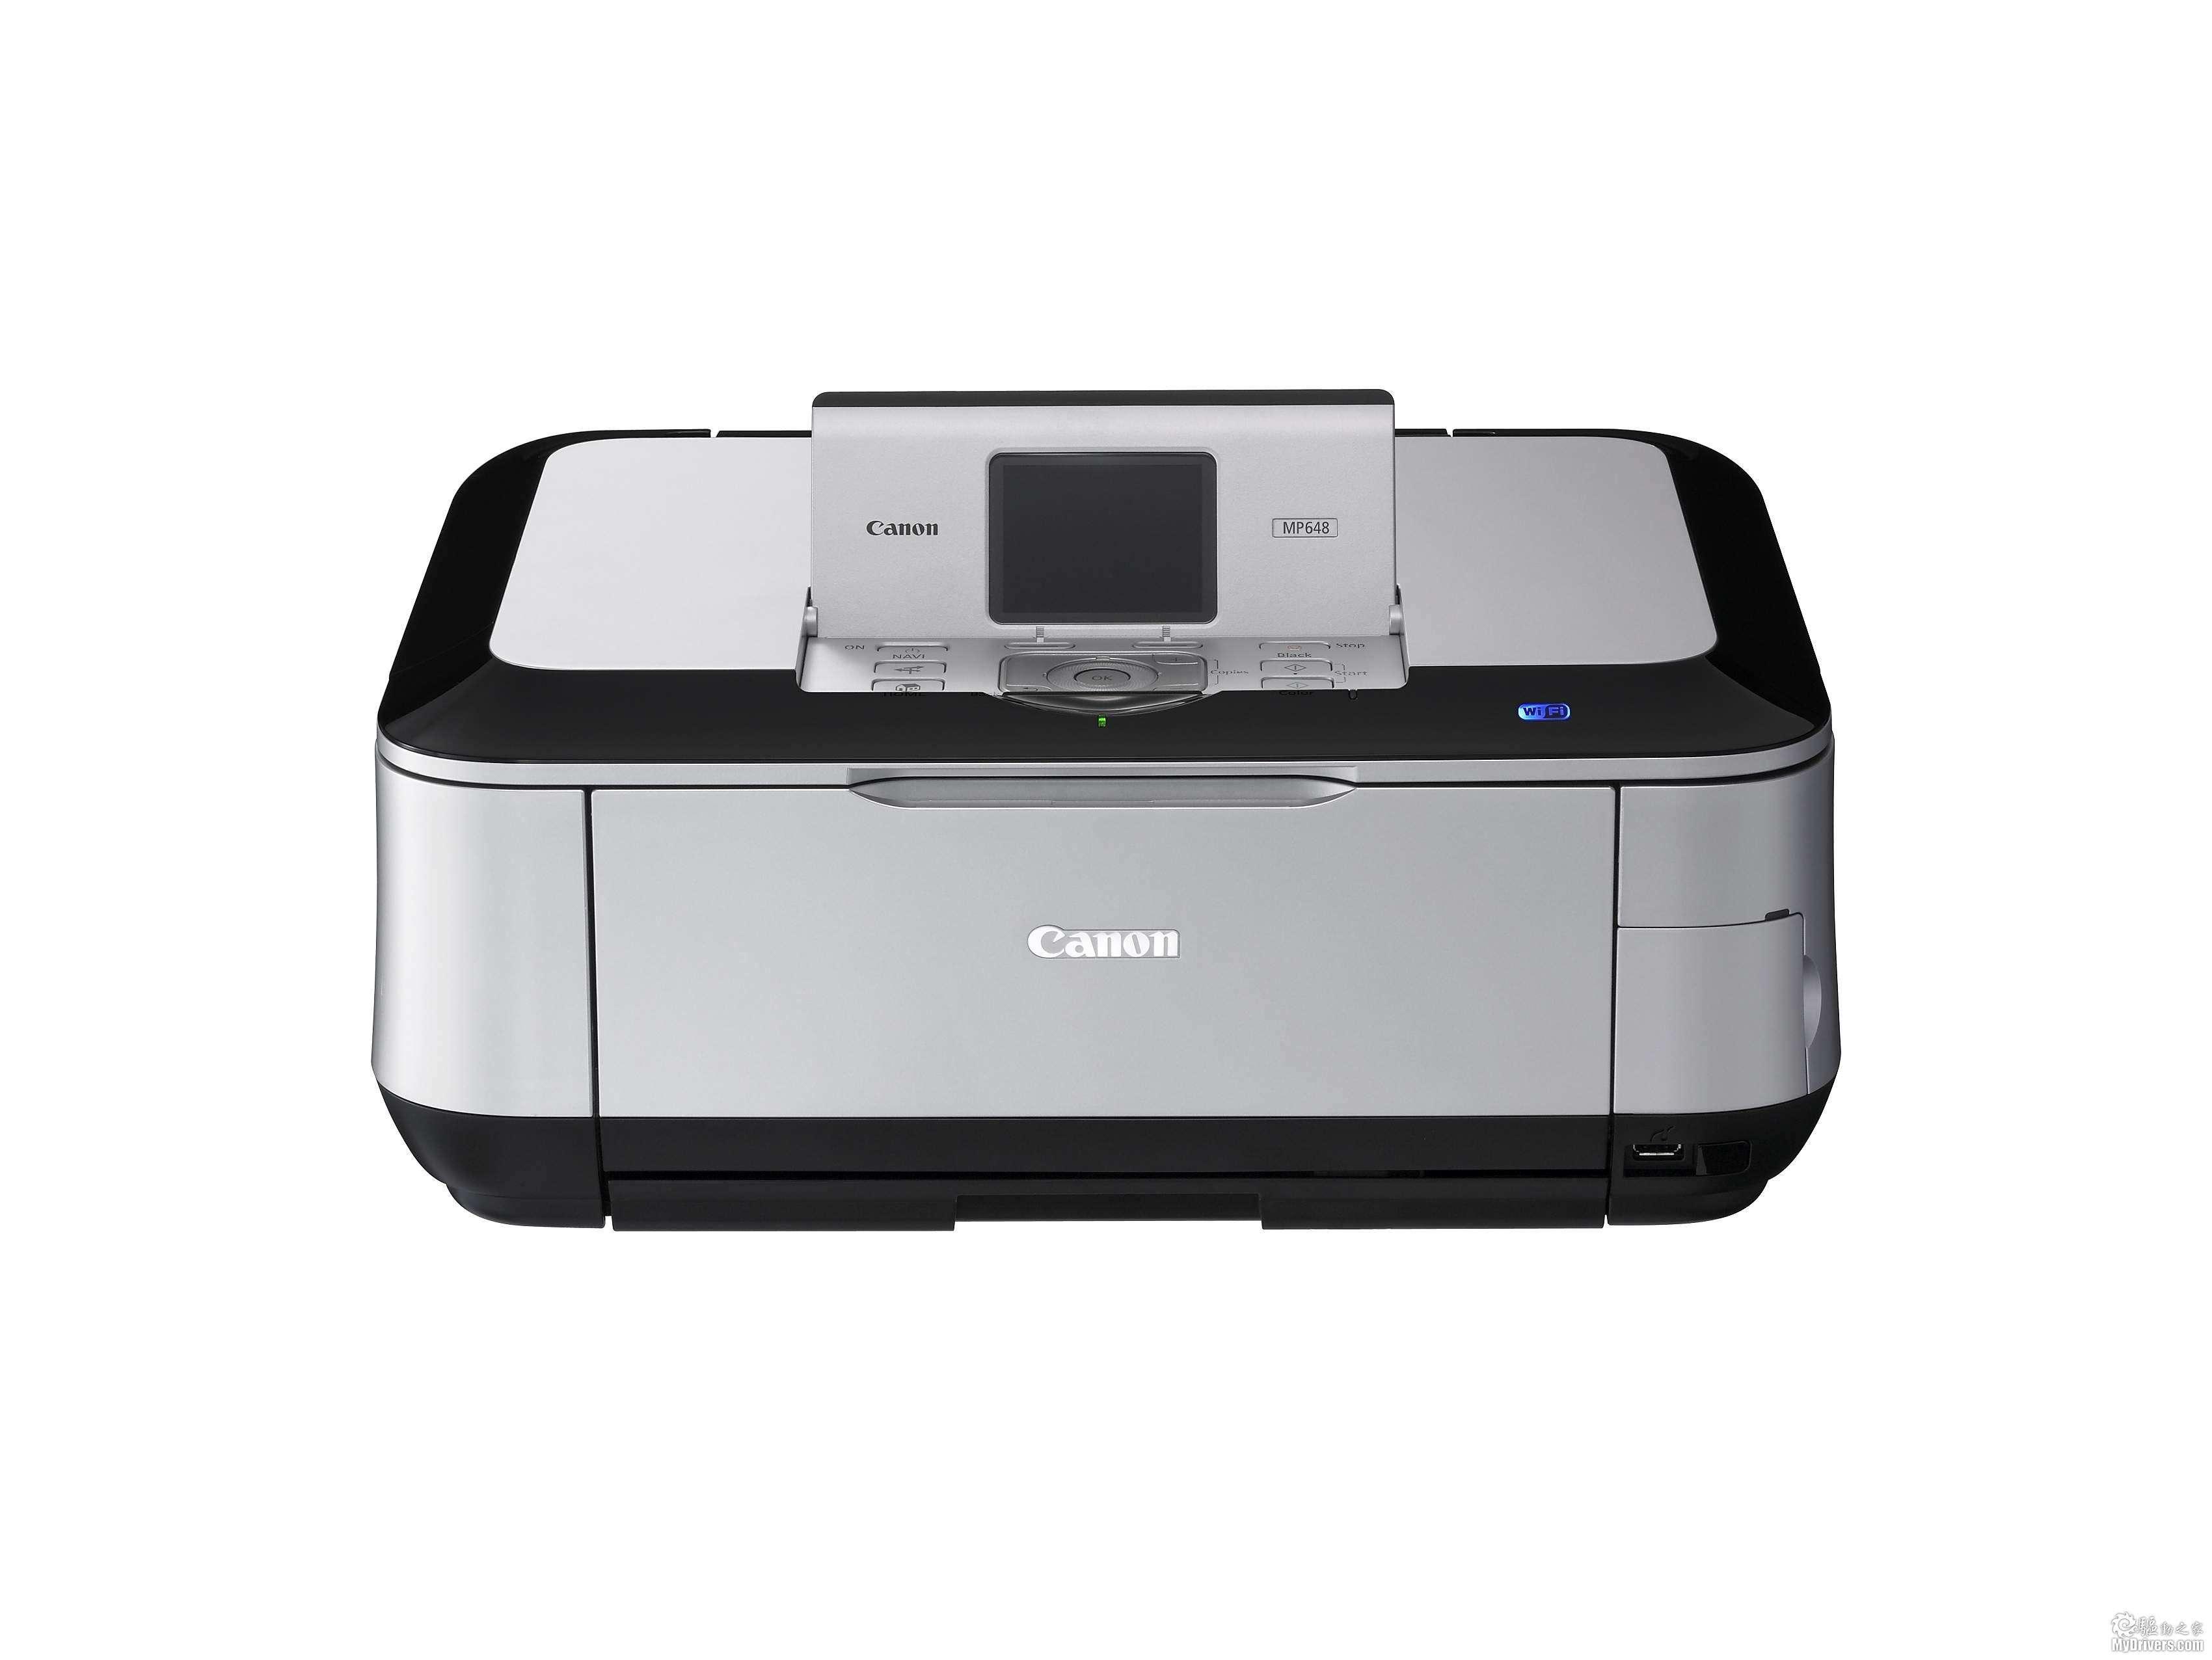 高埗打印机加碳粉公司